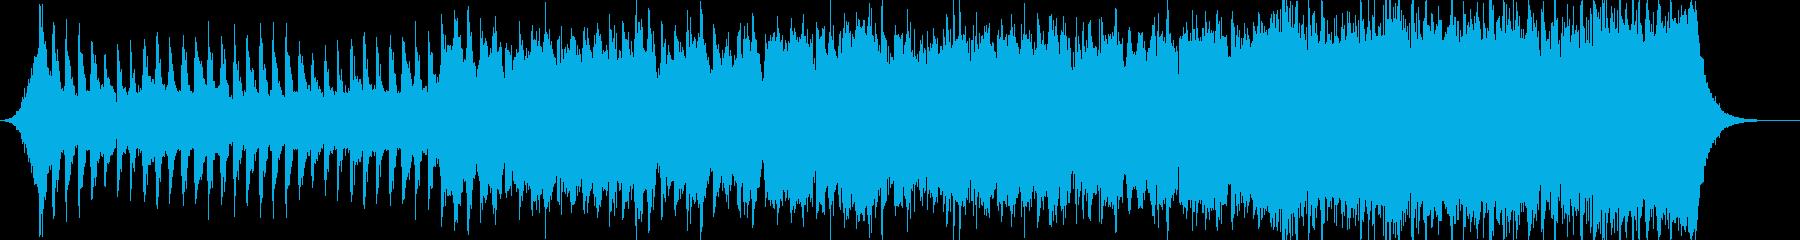 ハリウッド/オーケストラ/映画/壮大3bの再生済みの波形